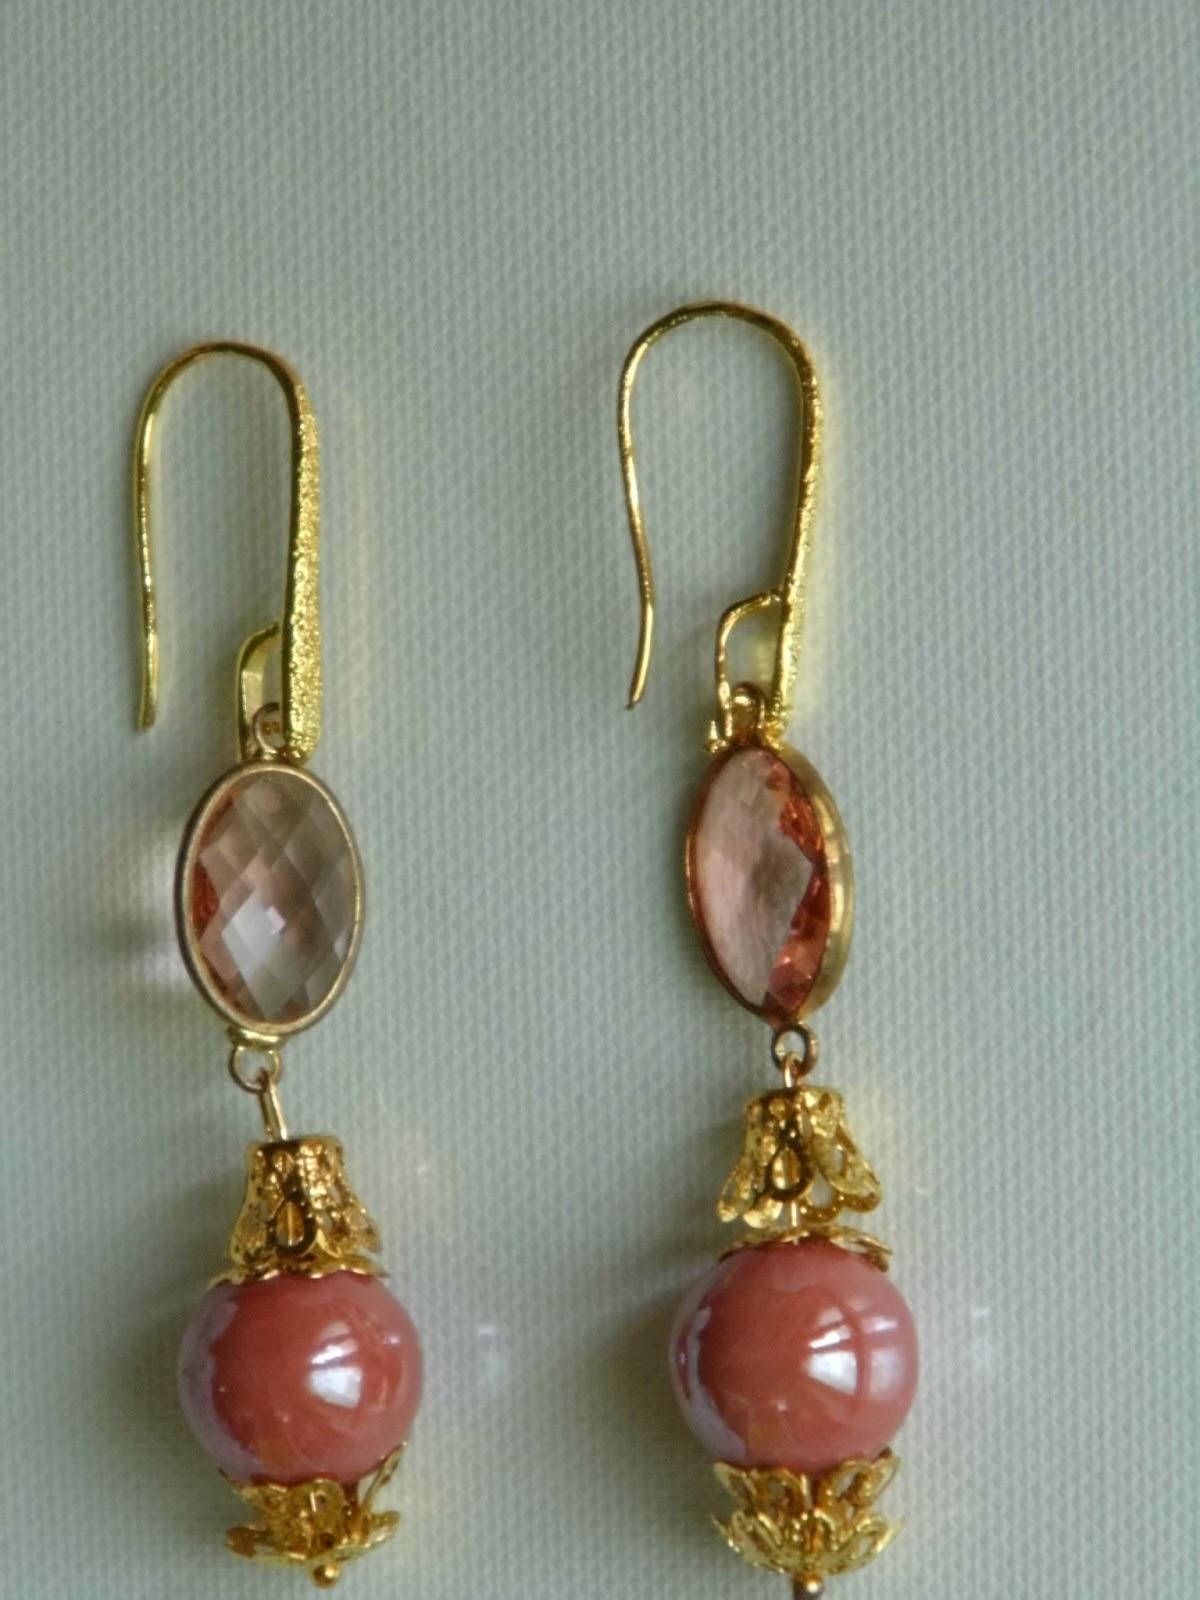 Ben noto Marina Creazioni.home&handmade: Orecchini con pietre e perle OR87